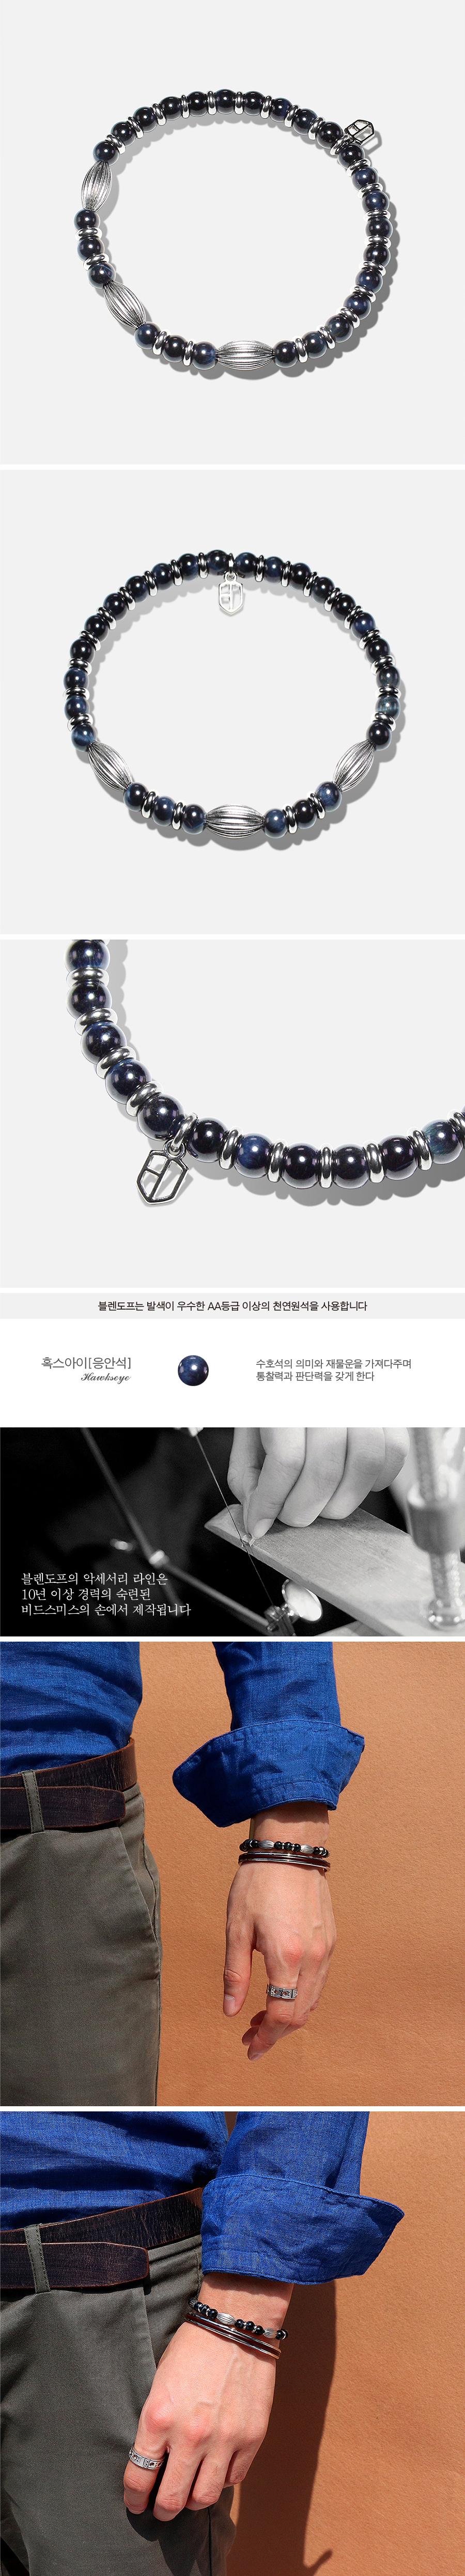 블렌도프(BLENDOFF) Corrugate Beads Bracelet [6mm Hawks Eye]